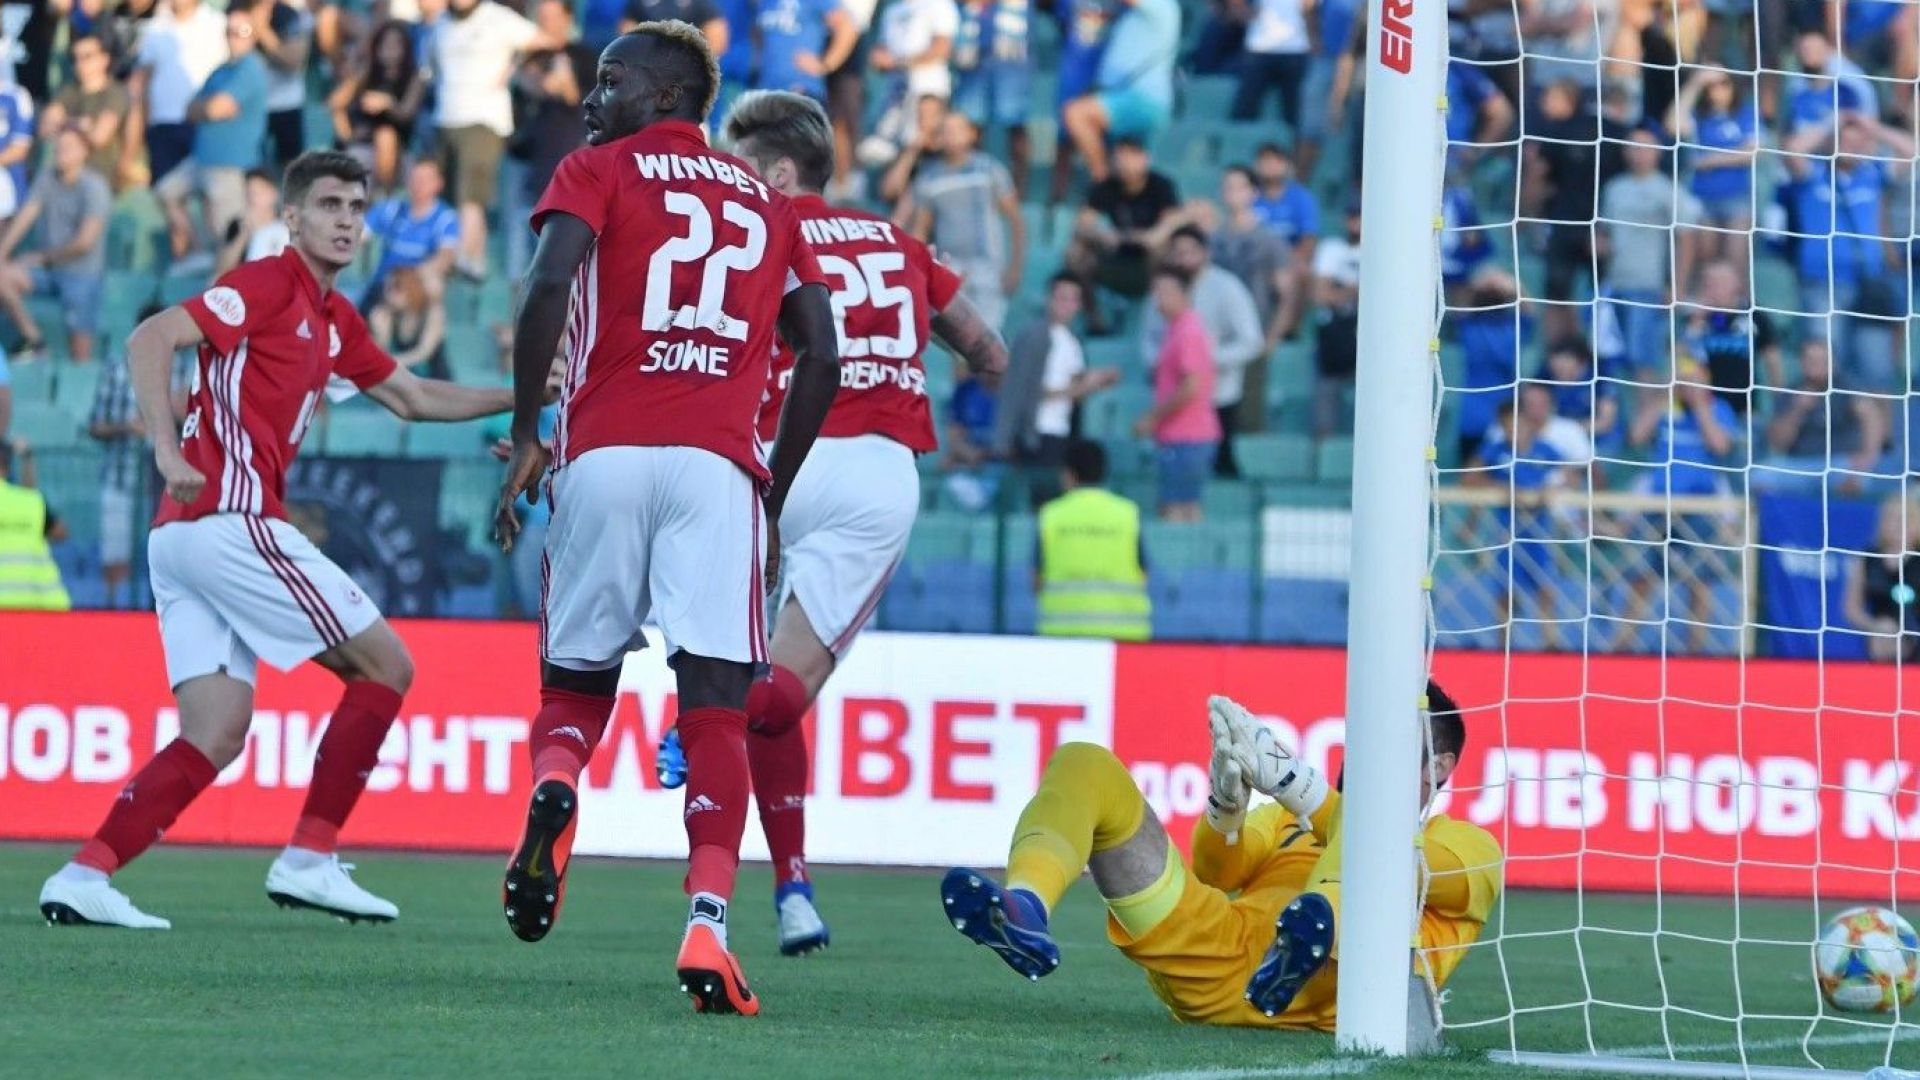 Раул Албентоса пред Winbet: Ще победим Витоша с 2:0